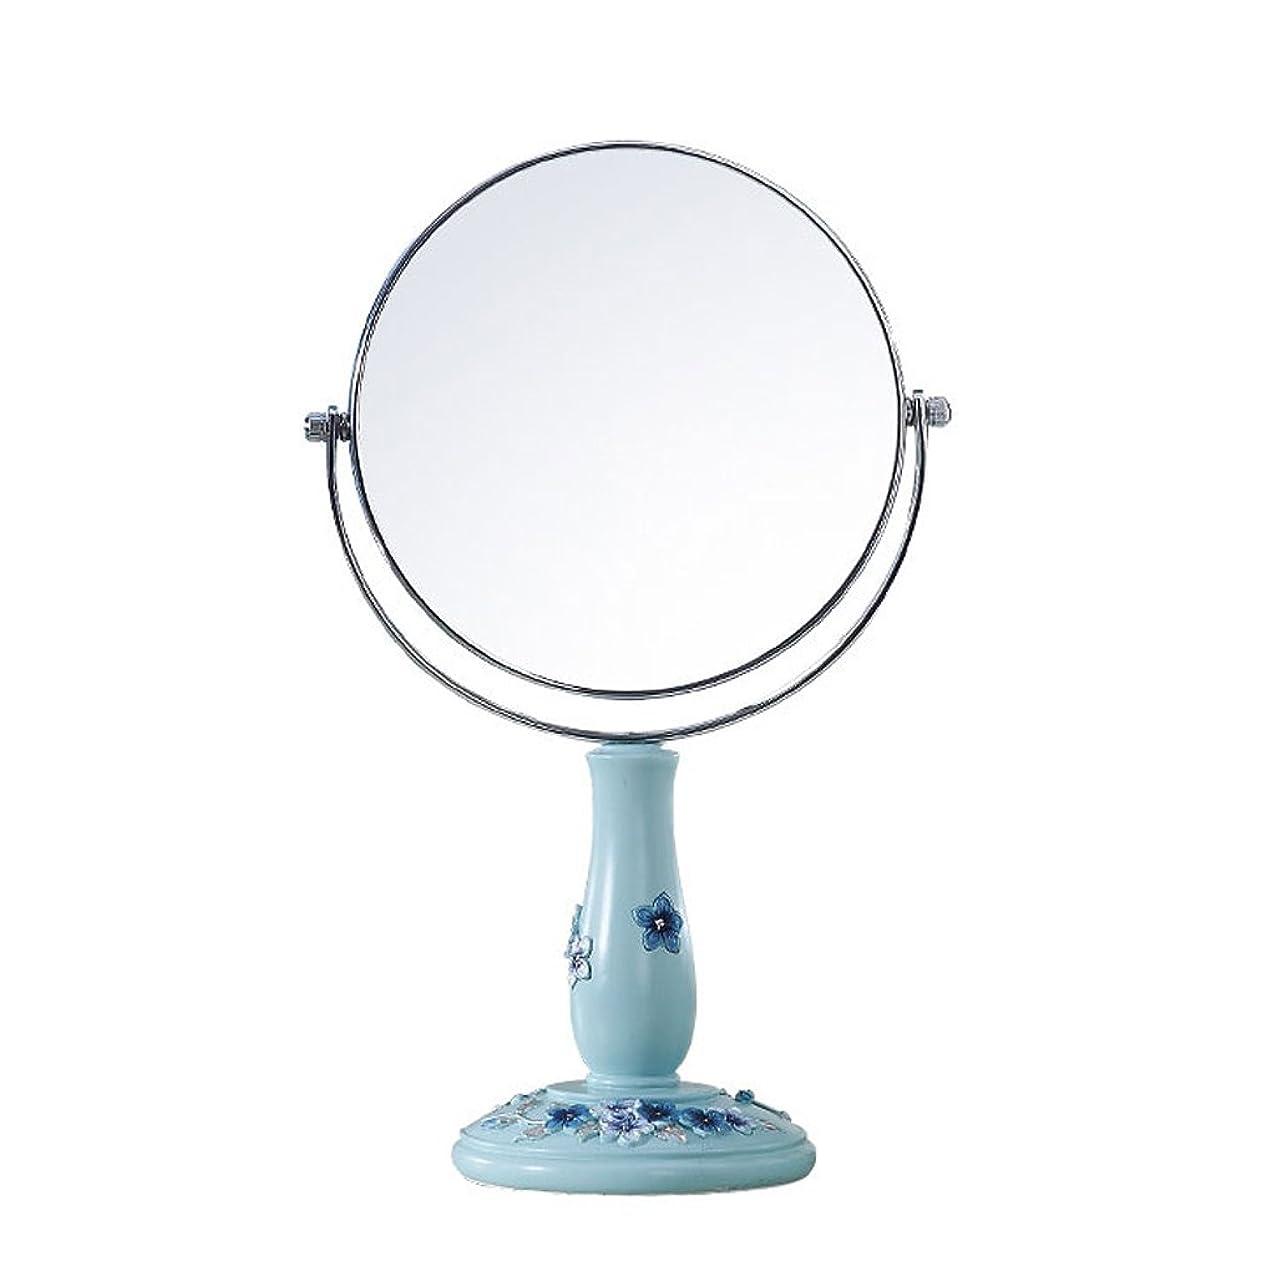 直径とげのある反動GSN 3x倍率コンチネンタル両面化粧鏡屋内HDデスクトップ樹脂バニティミラープリンセスミラーデスクトップ彫刻装飾(青) 鏡 (Size : 23*12.7*9.5cm)